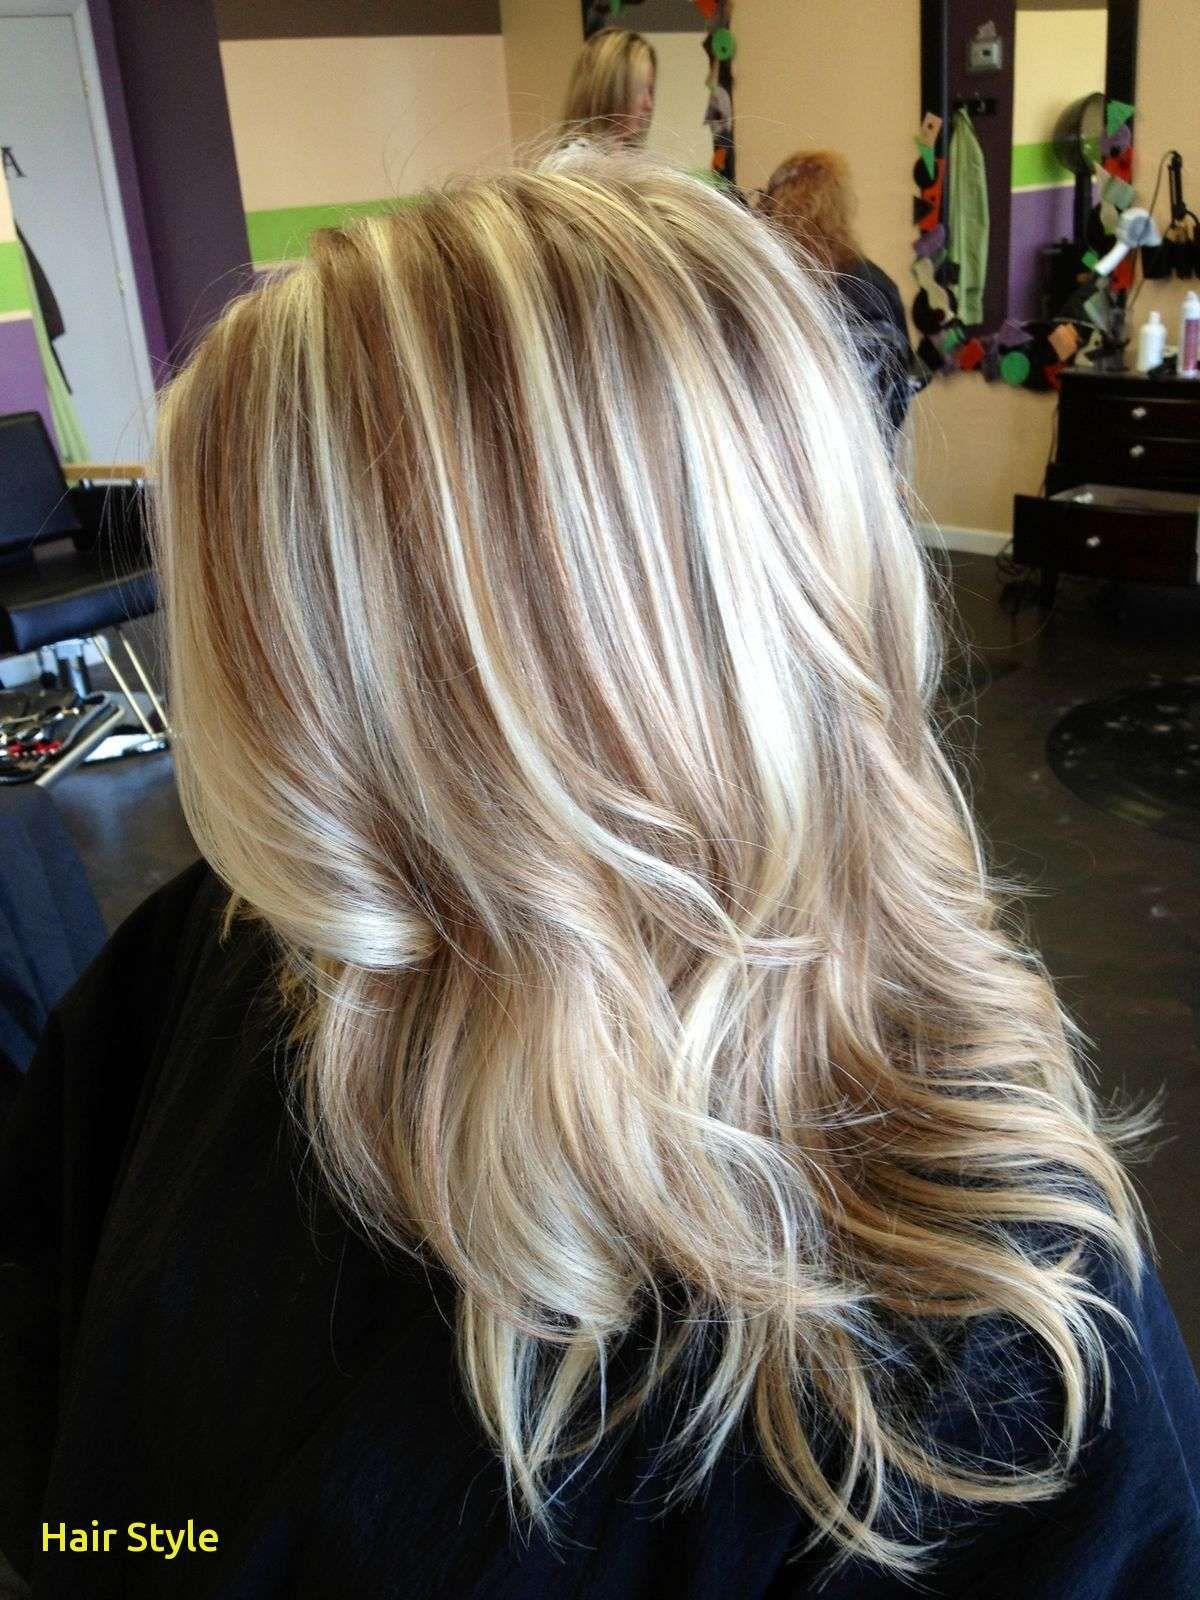 Blonden haaren blonde strähnen bei alfacgielo: Blonde